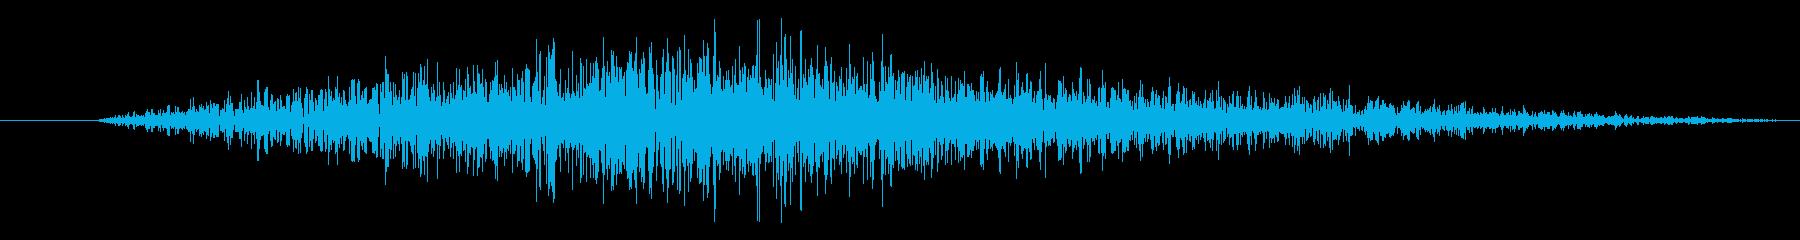 シュワー/スワイプや場面転換に最適です2の再生済みの波形